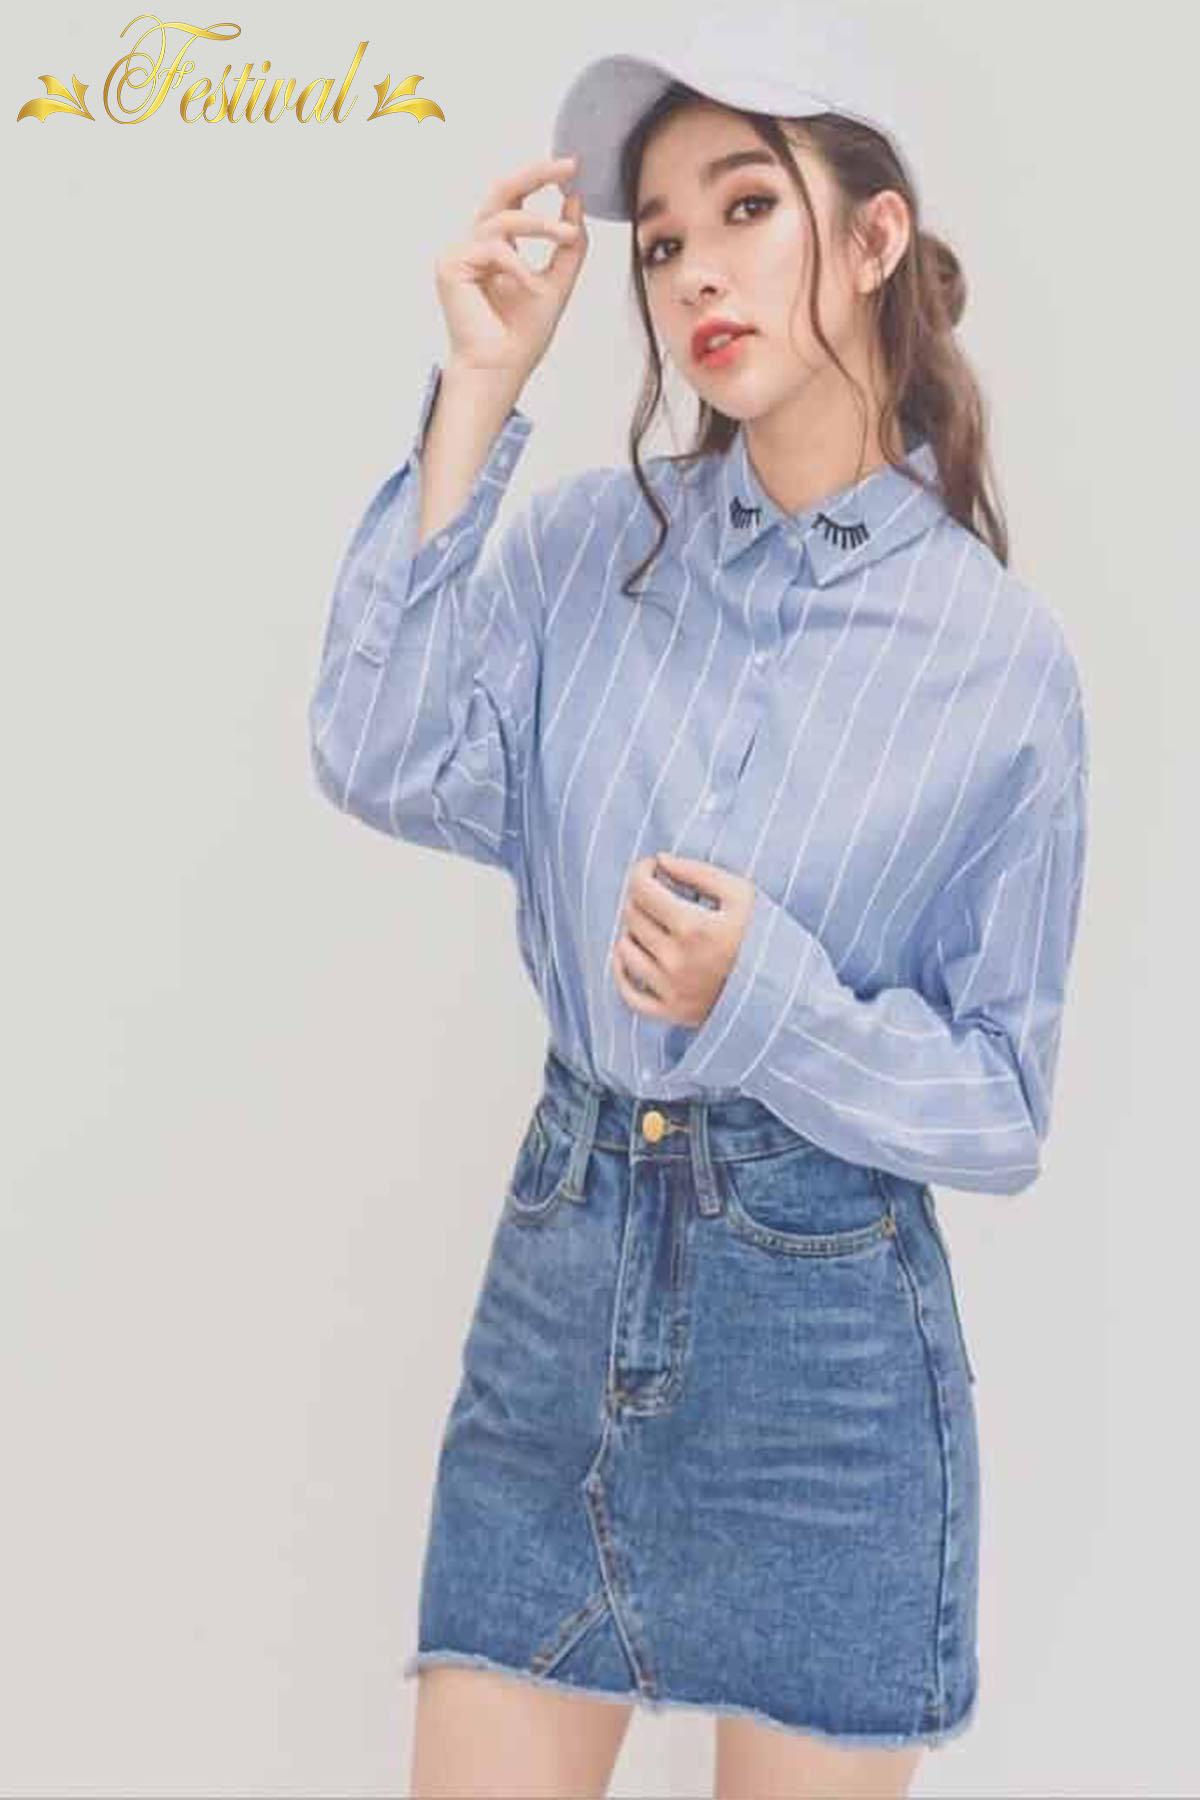 Mix áo sơ mi với chân váy jeans - Ảnh 1